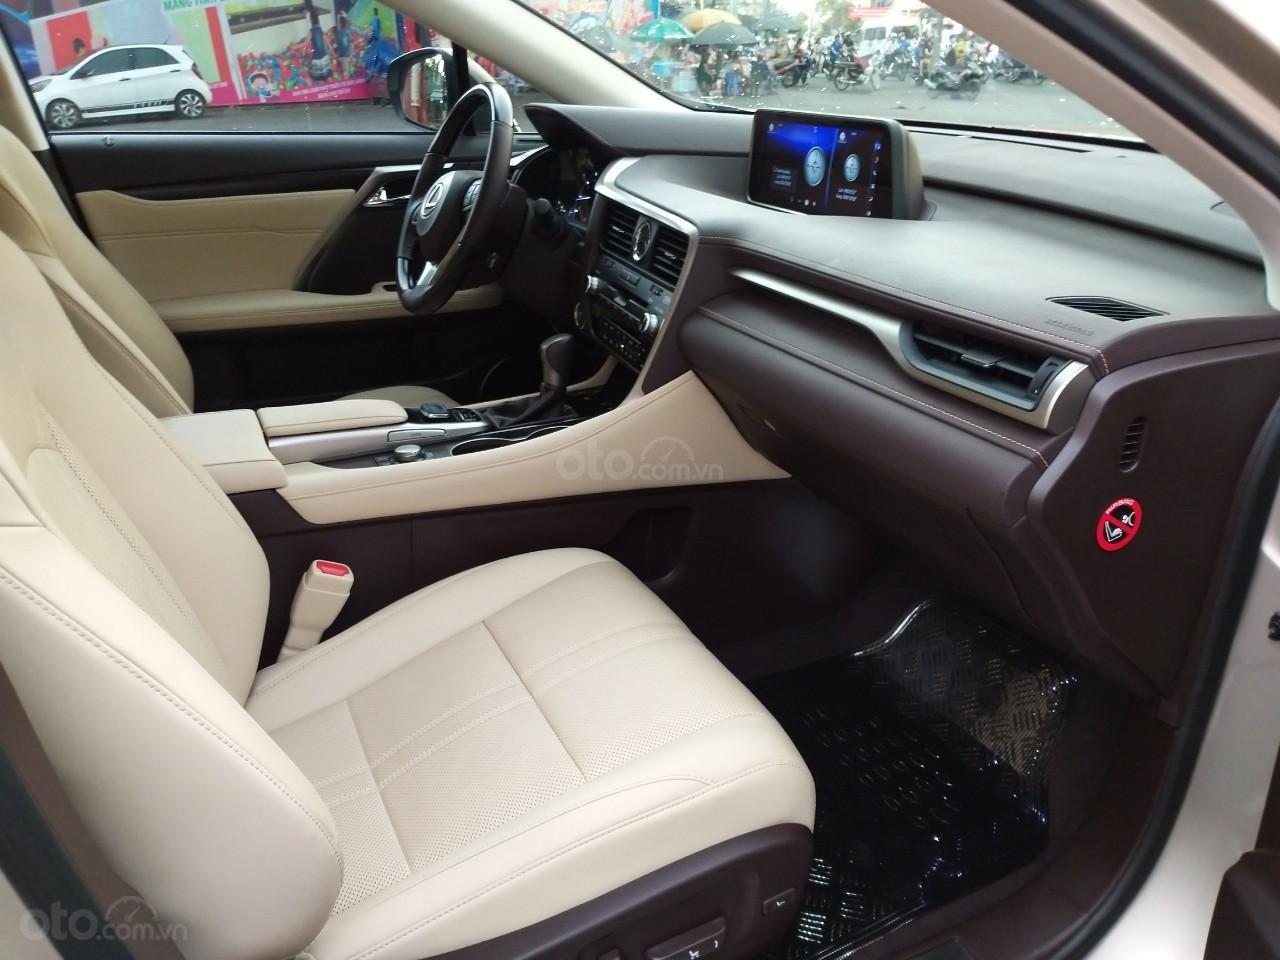 Lexus RX 350 model 2016, màu kem, nhập khẩu chính hãng, xe nhà ít sử dụng còn mới toanh, 3 tỷ 520 triệu-5